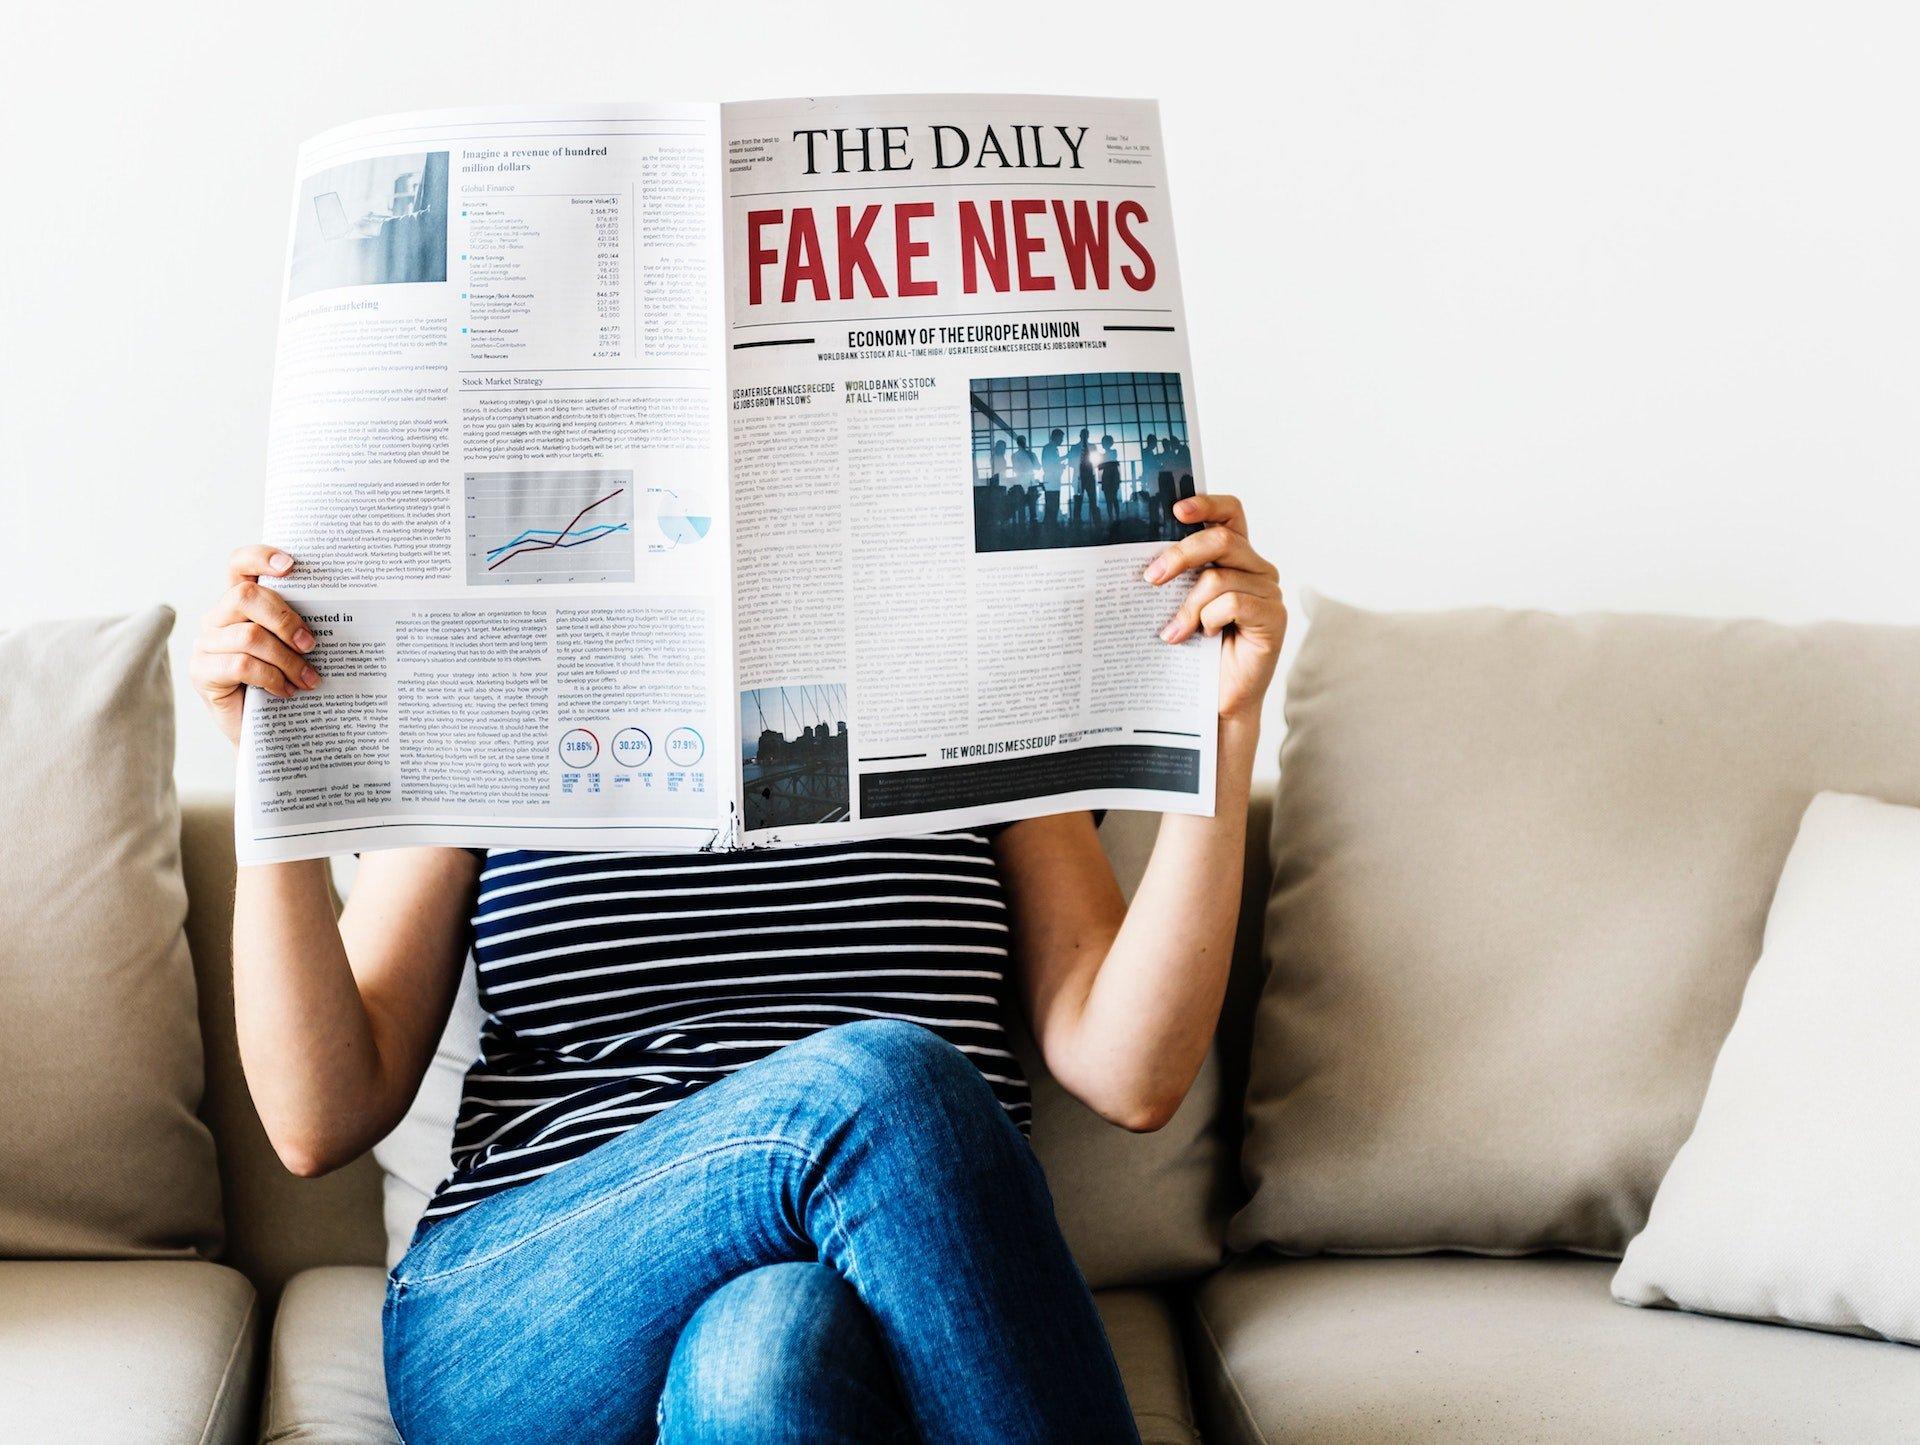 Facebook elimina páginas y cuentas de fake news